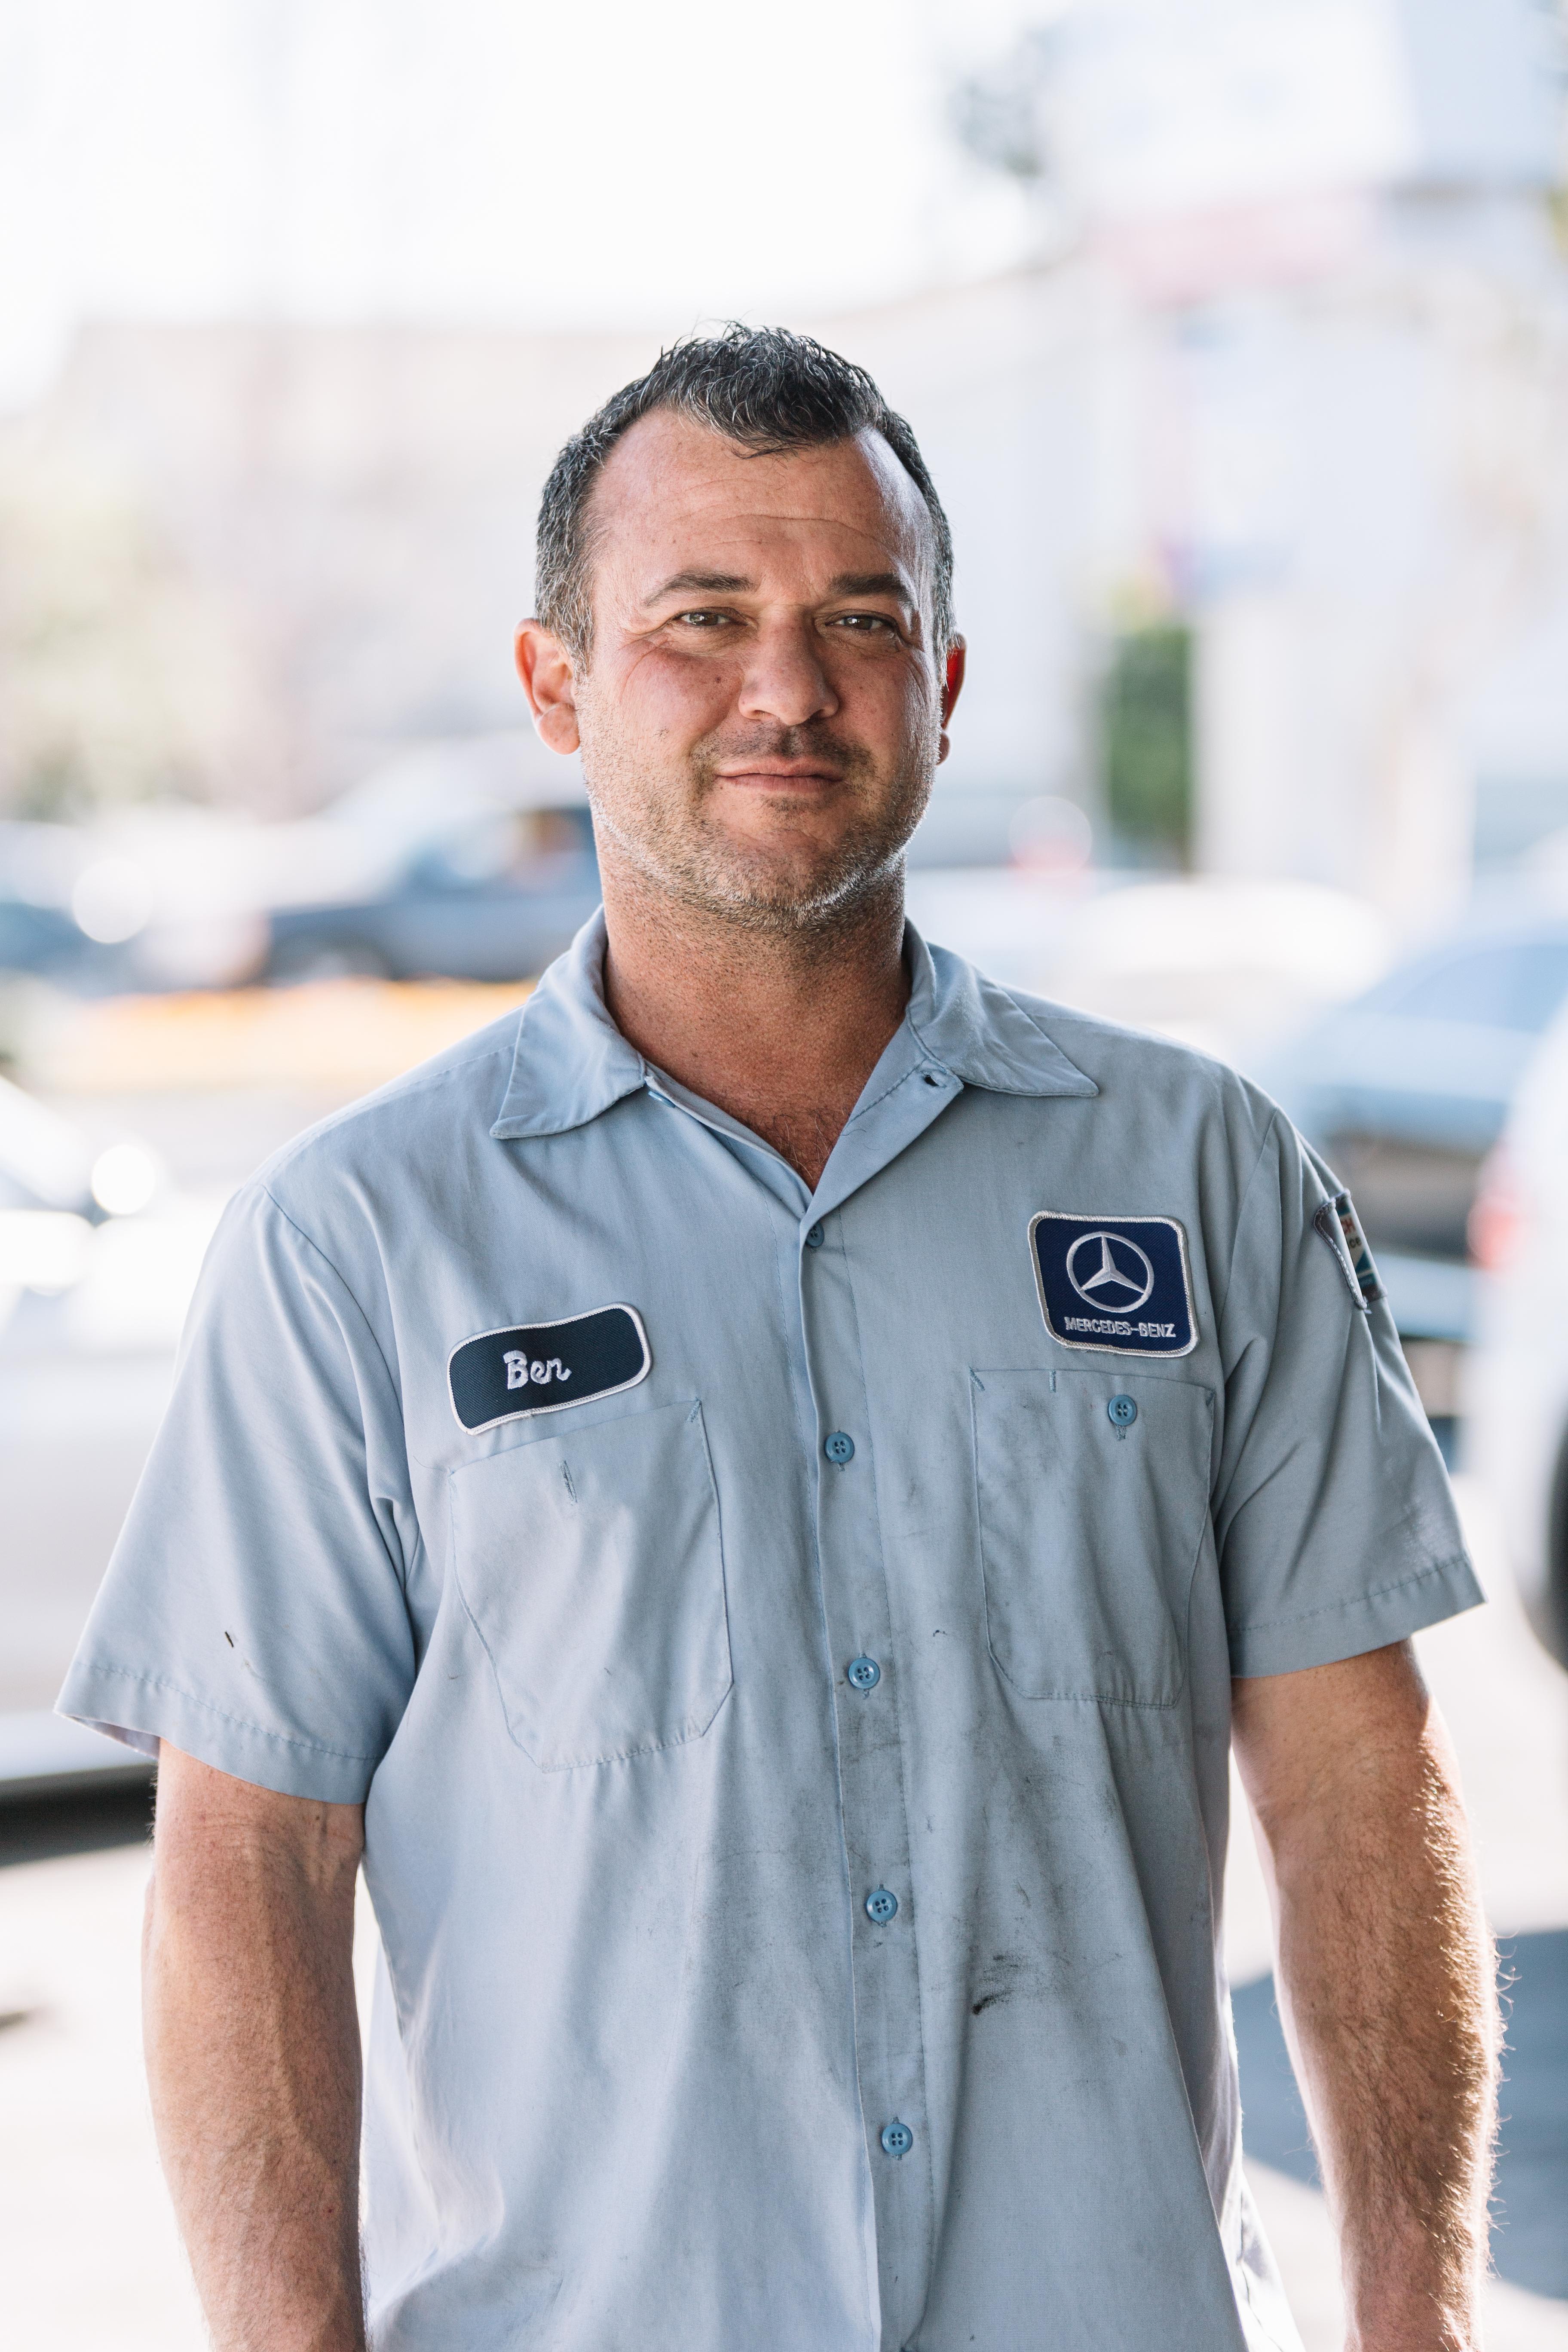 Ben - Mercedes-Benz Master Technician